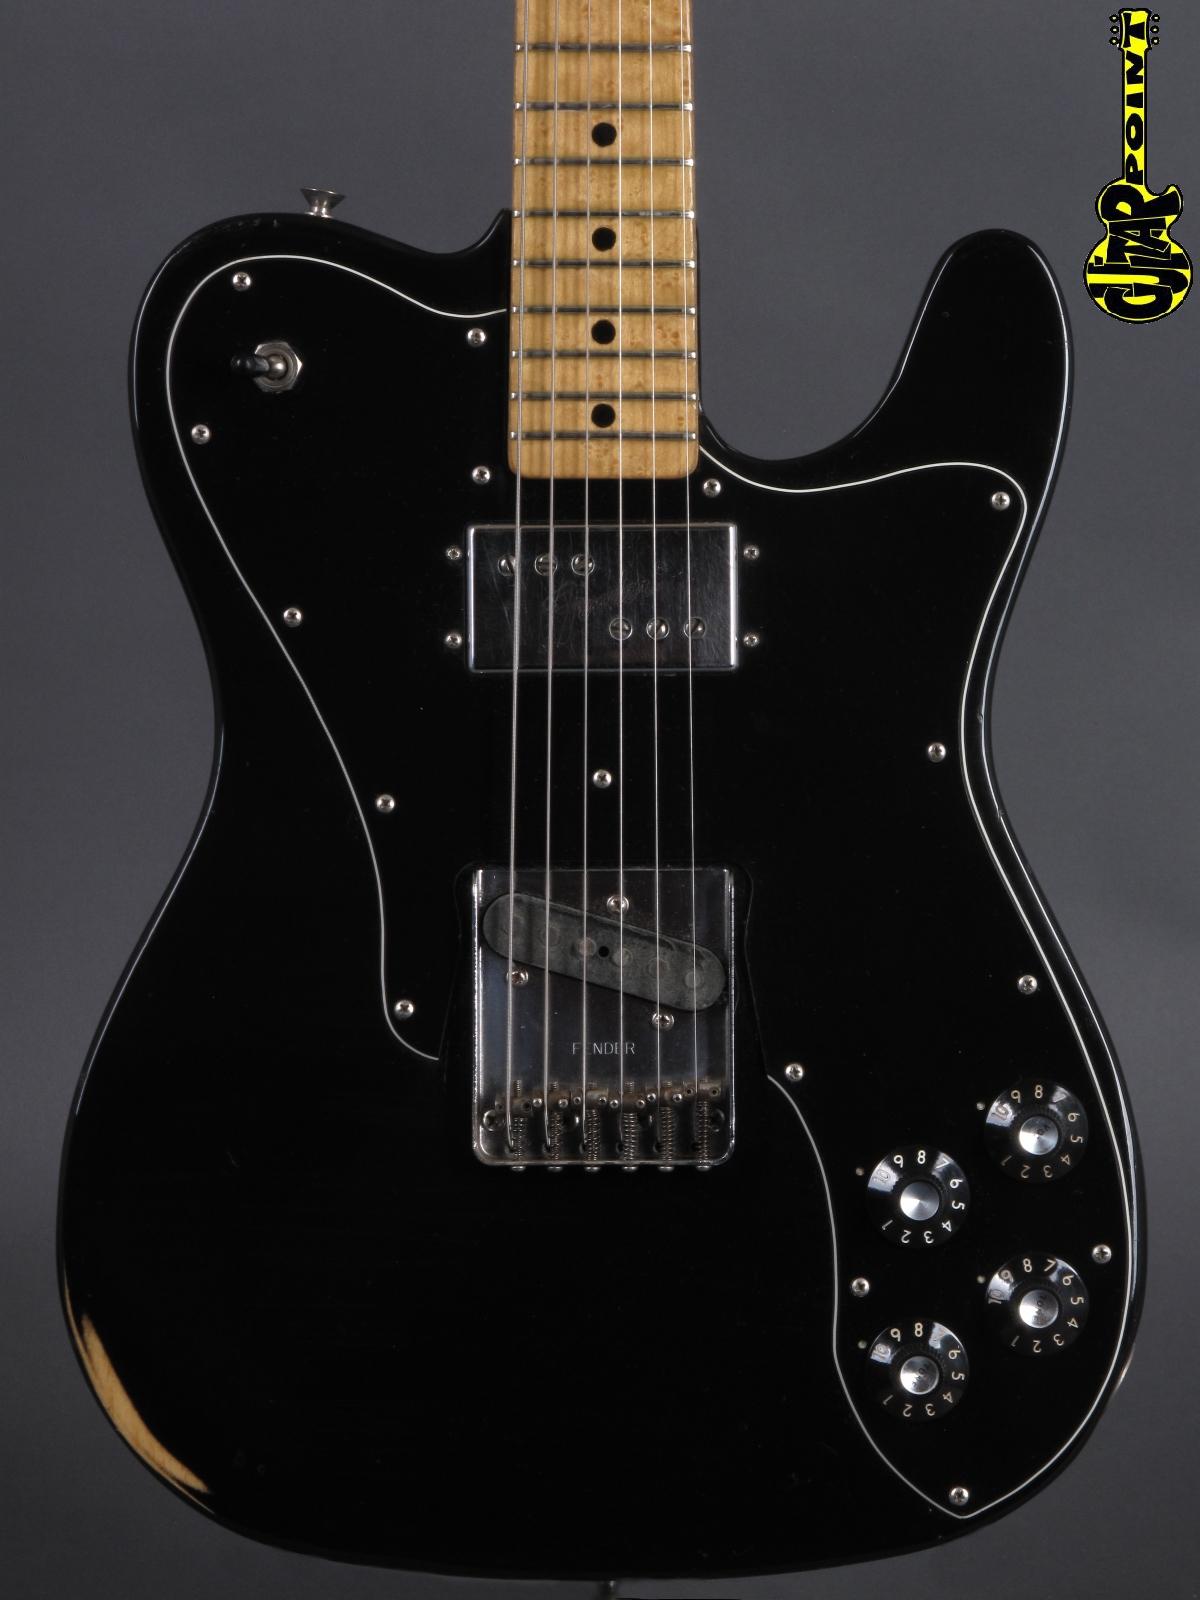 1977 Fender Telecaster Custom - Black  ...Birdseye neck !!!